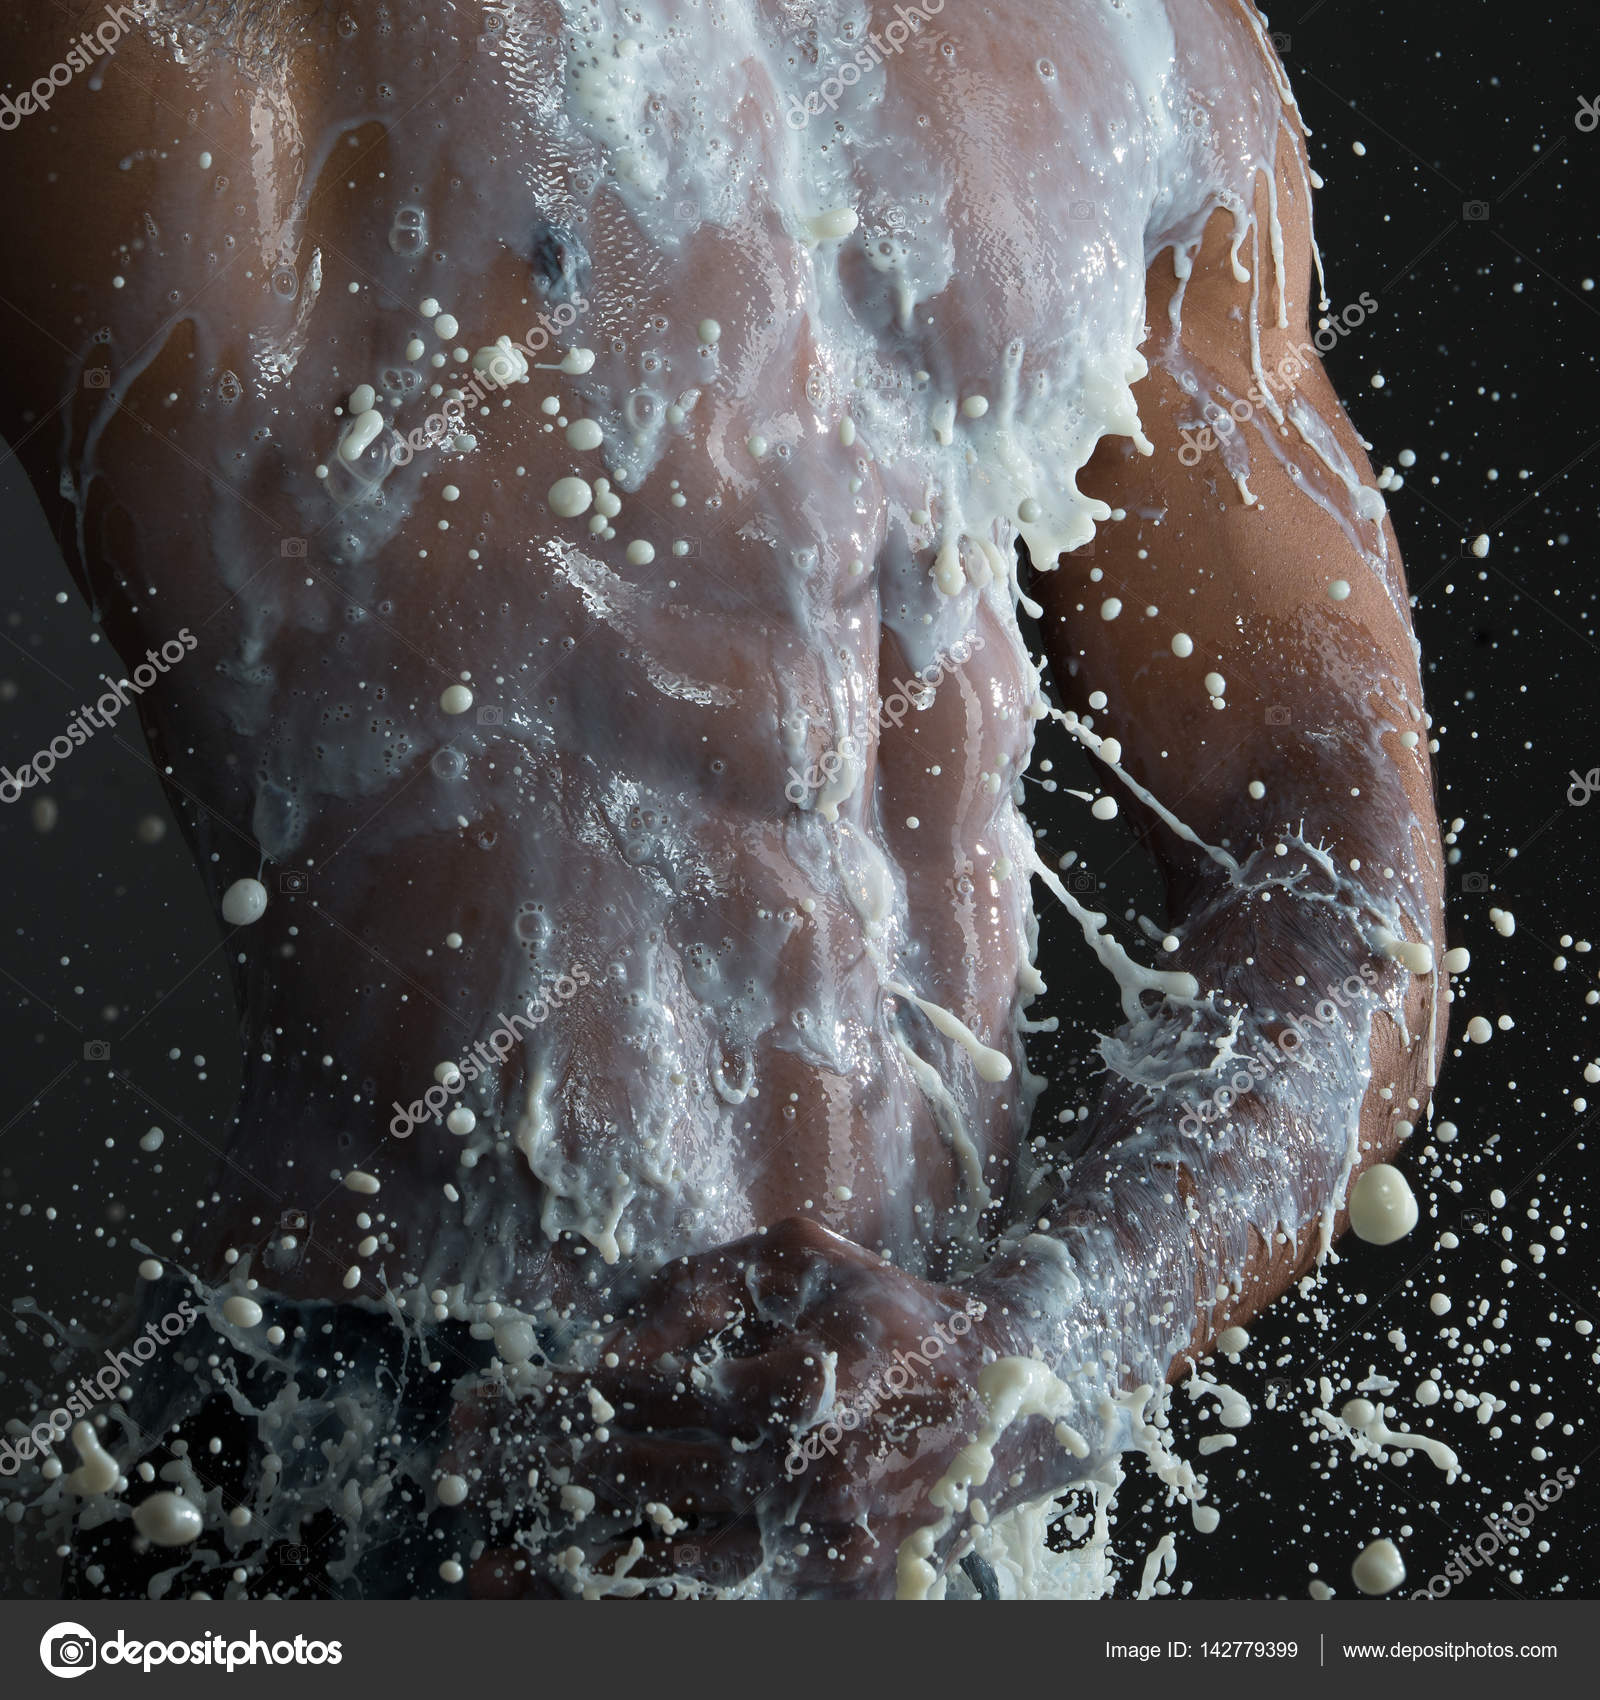 αρσενικά μοντέλα γυμνά